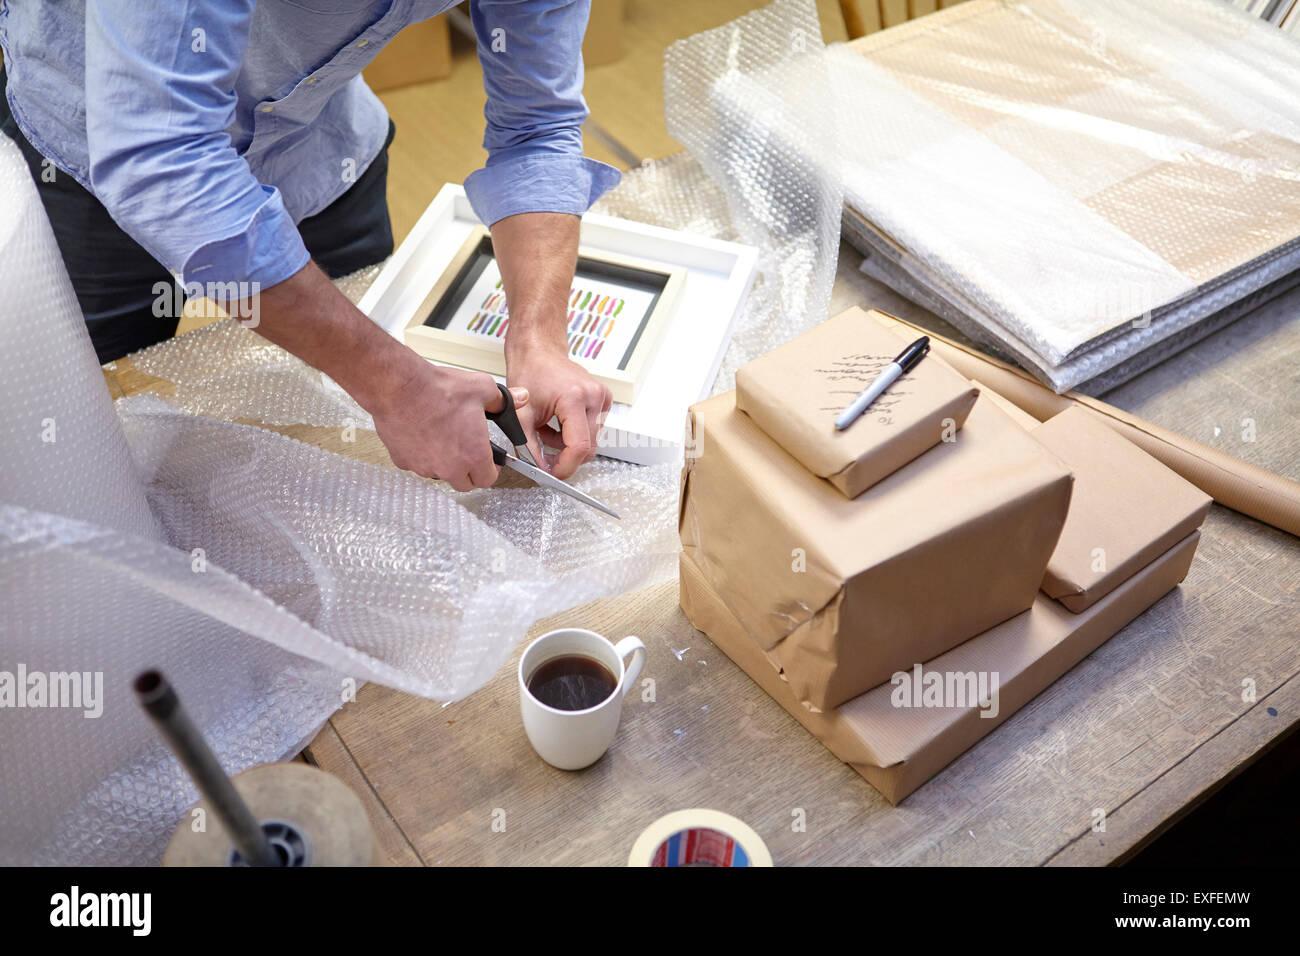 Mann schneiden Luftpolsterfolie auf Tabelle in Bild Einrahmer Werkstatt Stockbild